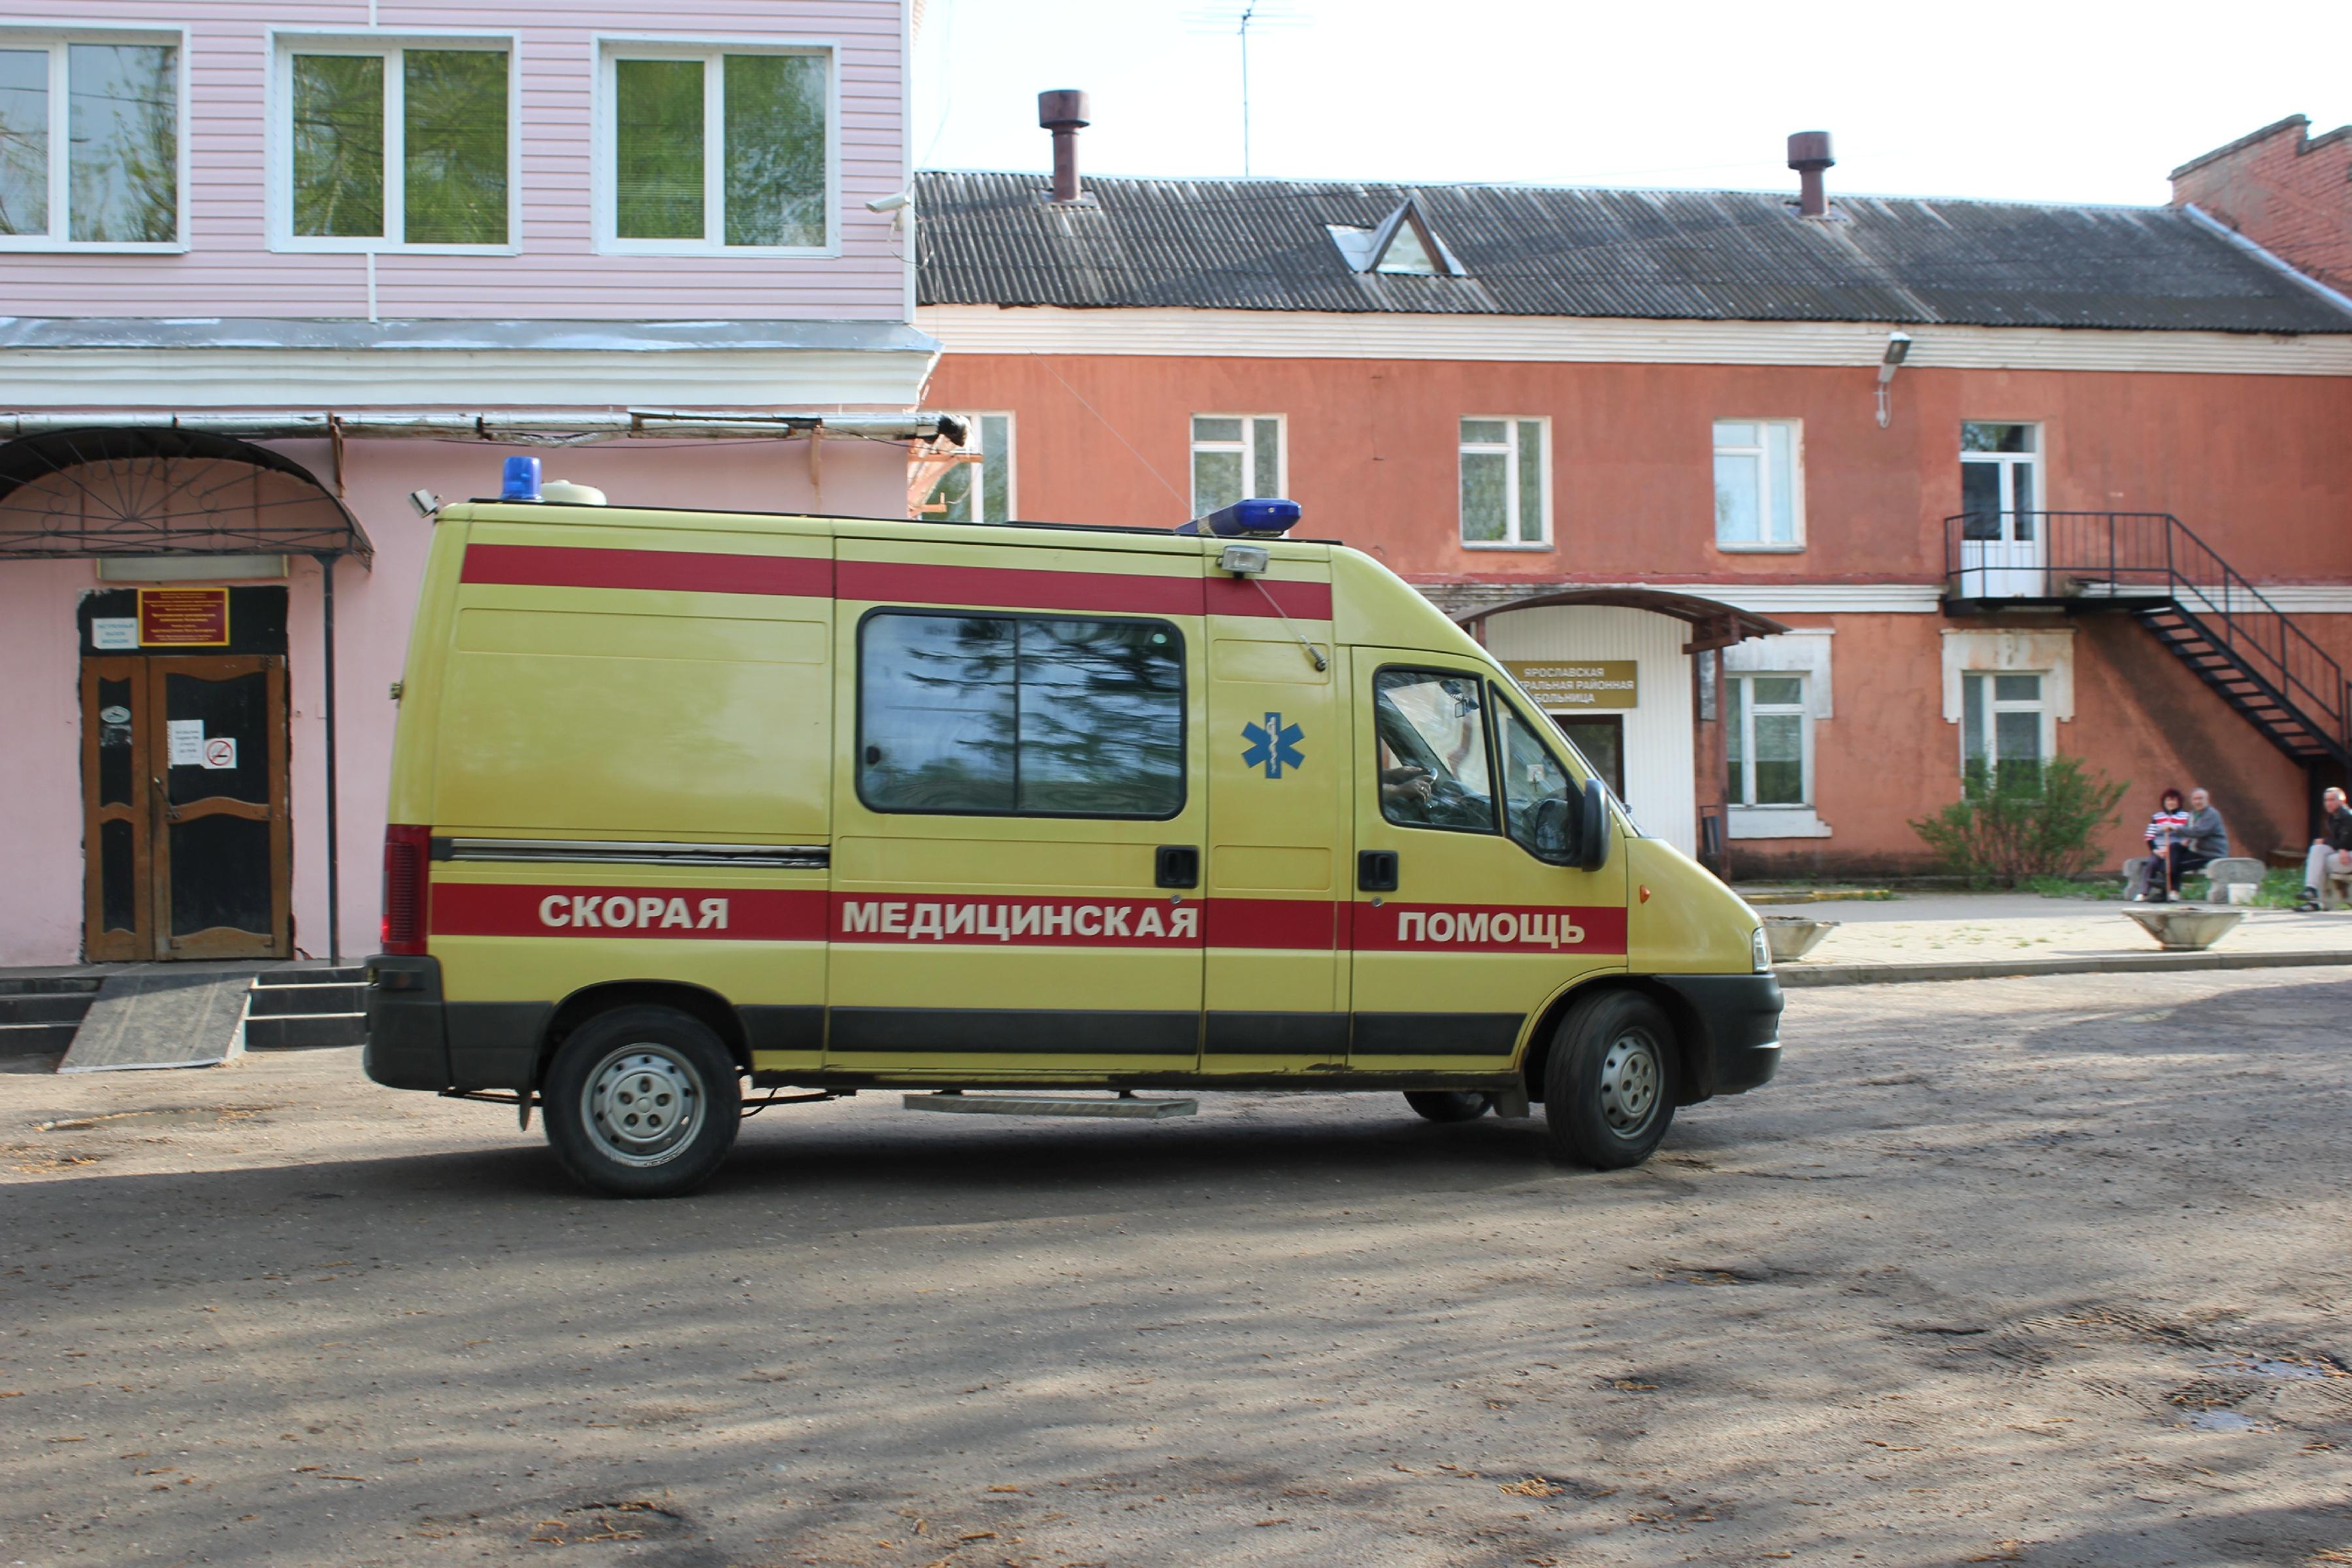 Врачей, доставших детей из пожара на Новоселов, наградят